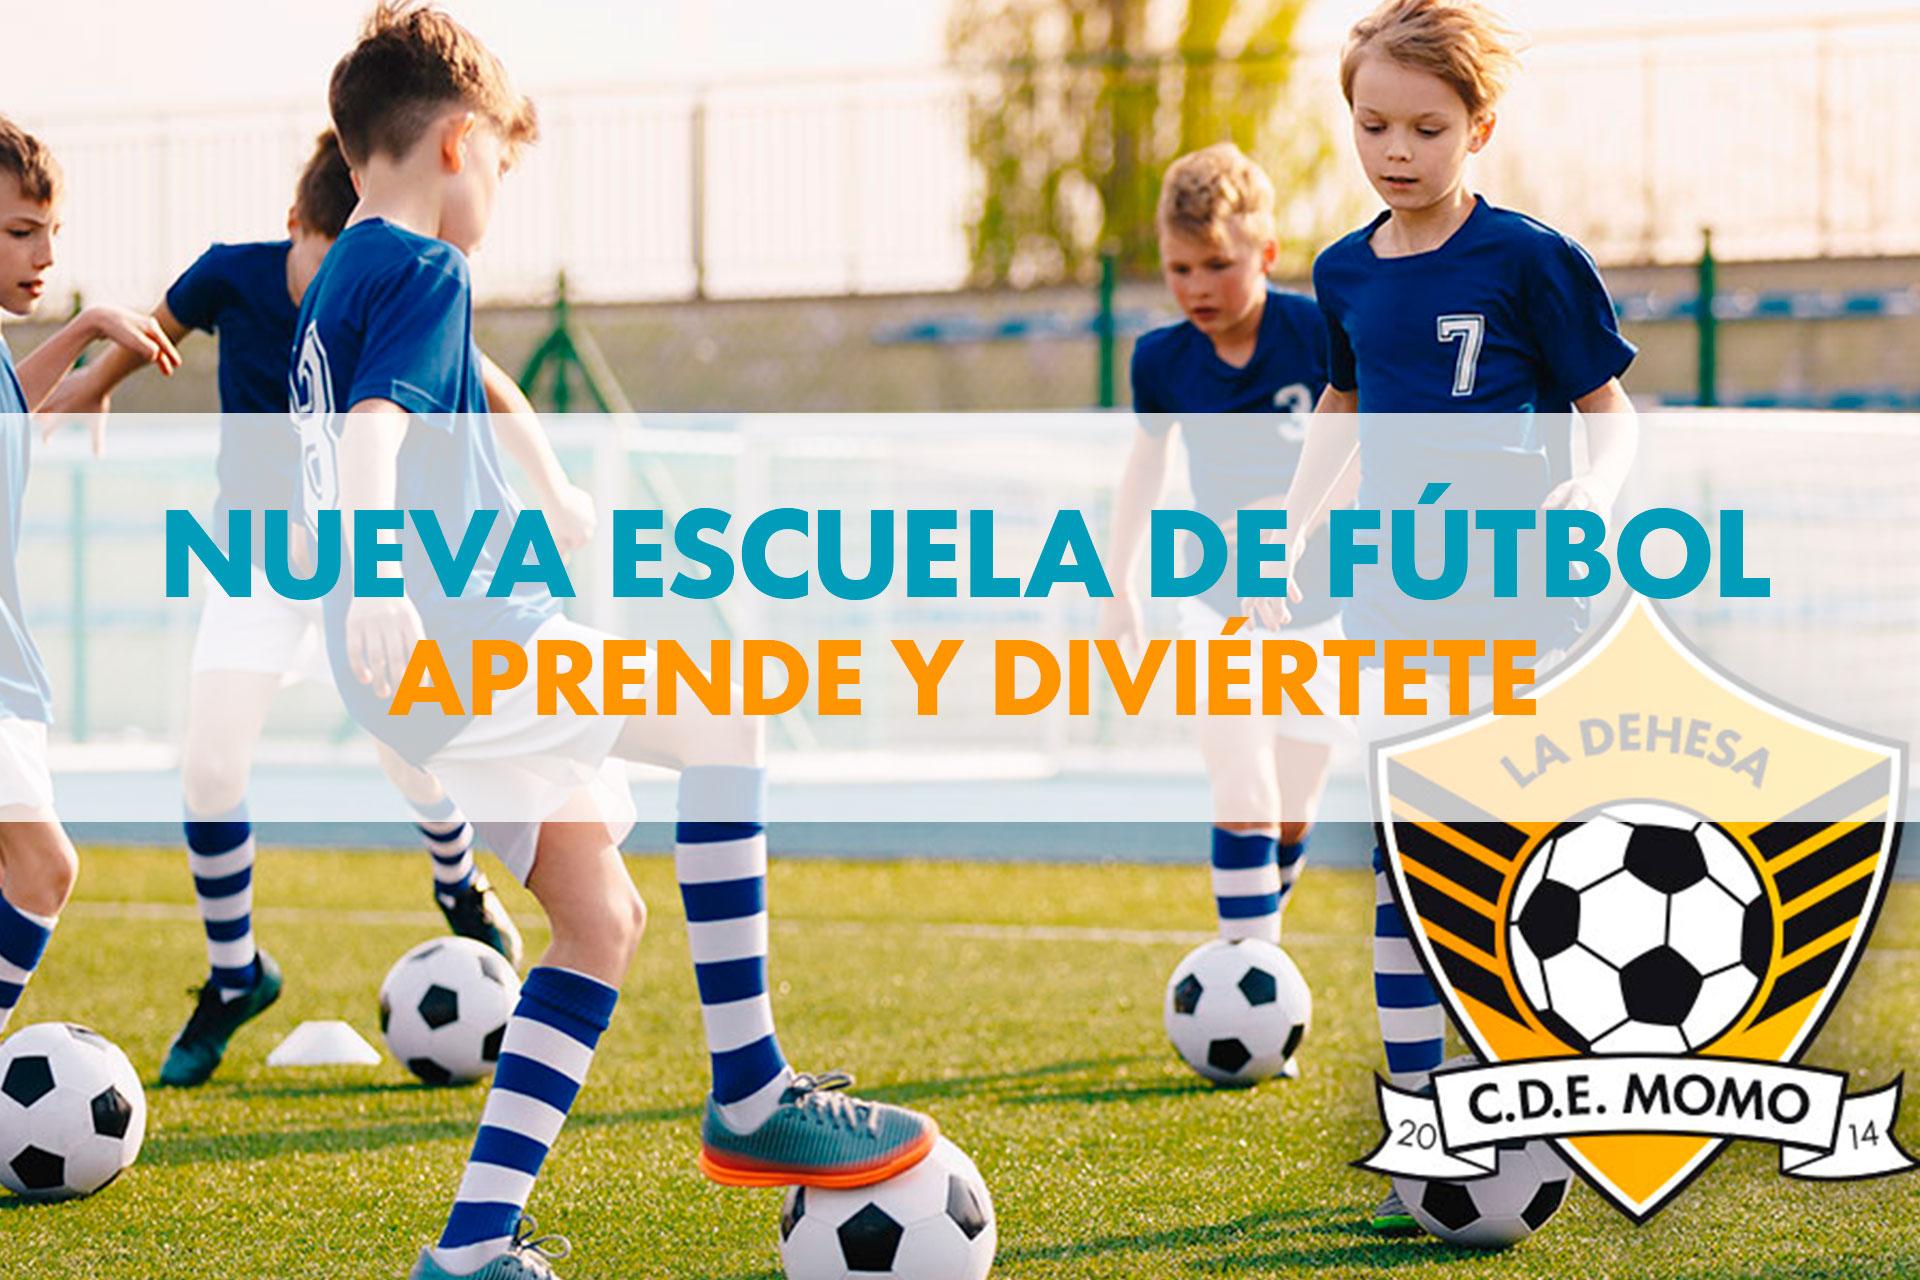 Nueva Escuela de Fútbol